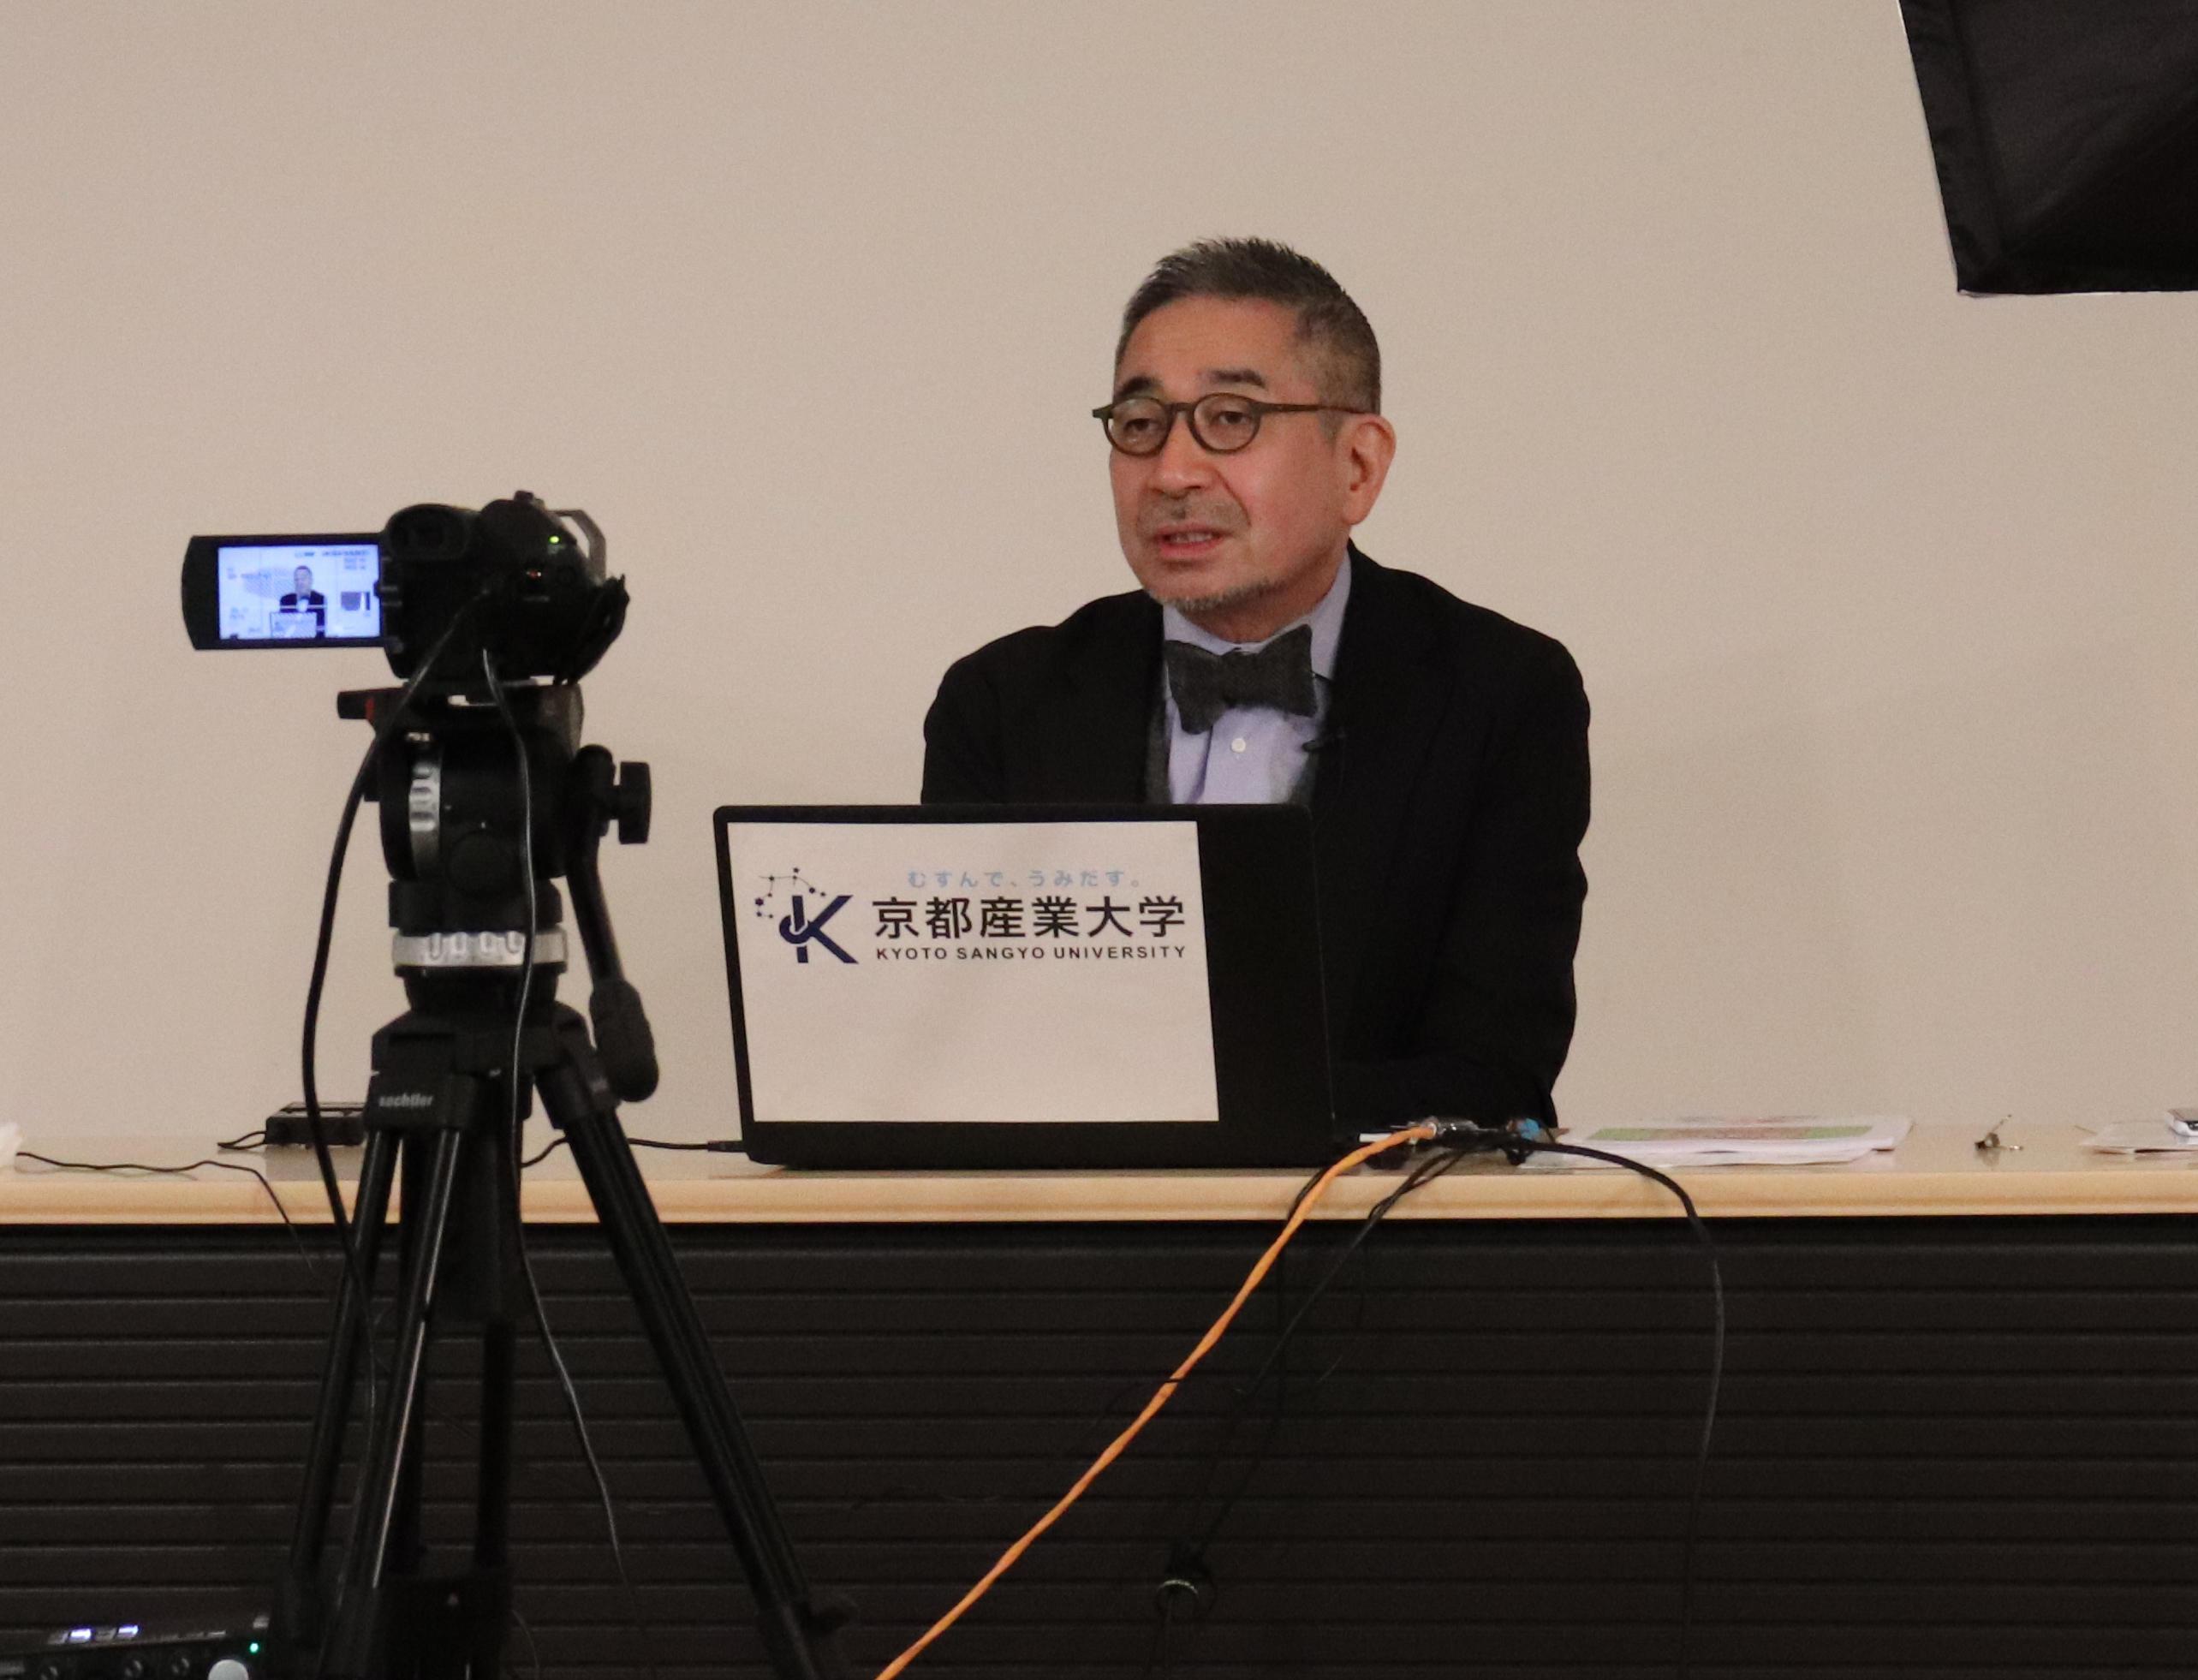 【京都産業大学】京都の老舗酒造会社社長の増田徳兵衞氏が「二十四節気と七十二候 日本の酒・世界の酒を知る」をテーマに京都産業大学ギャラリーで講演